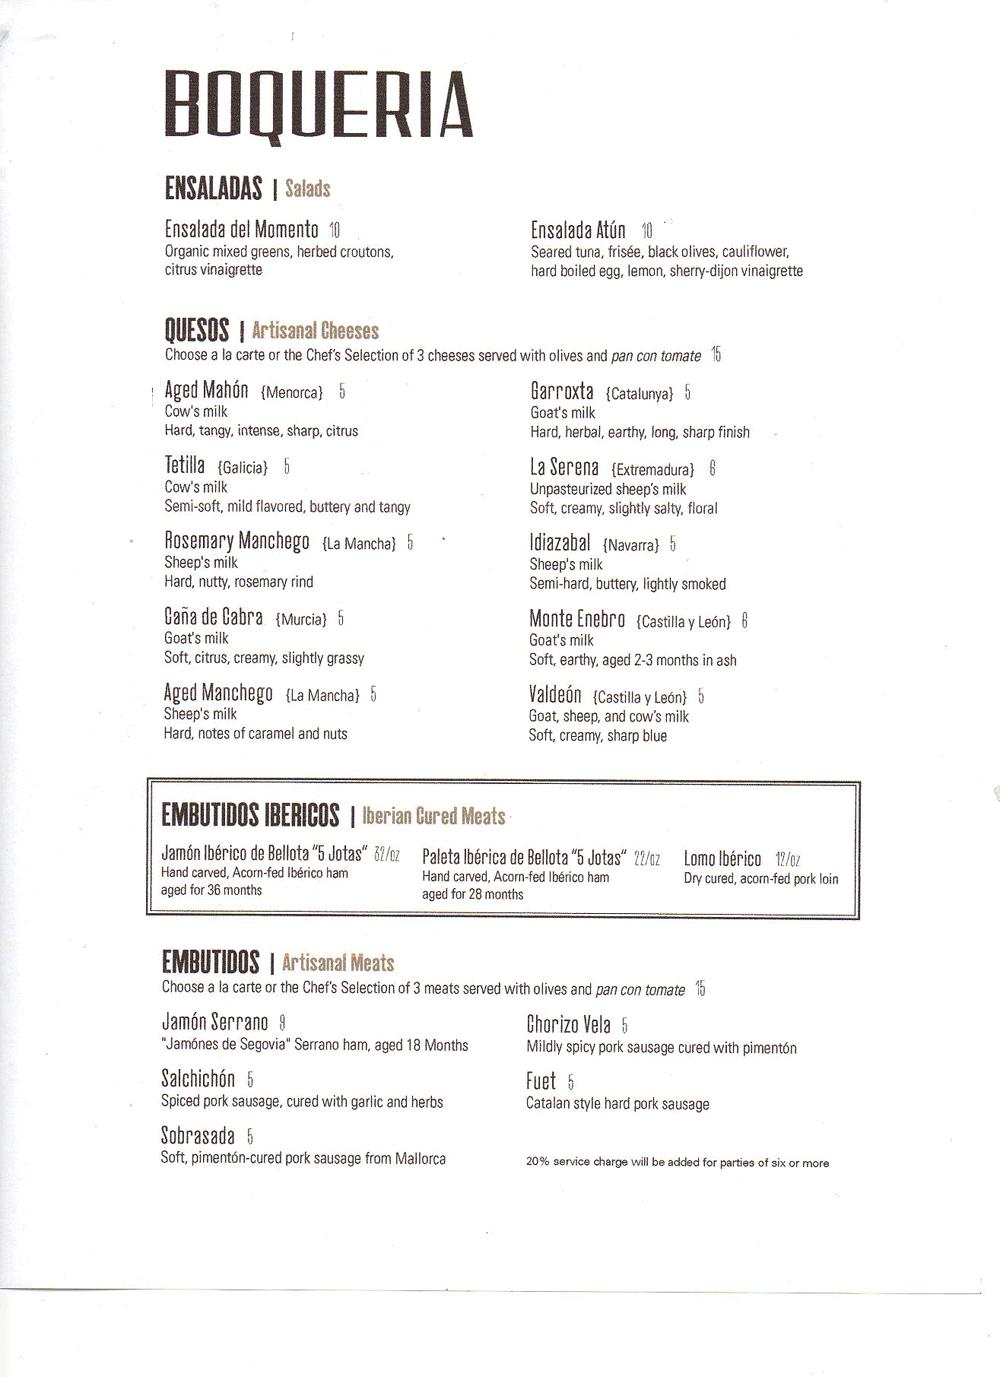 boqueria-menu001.png